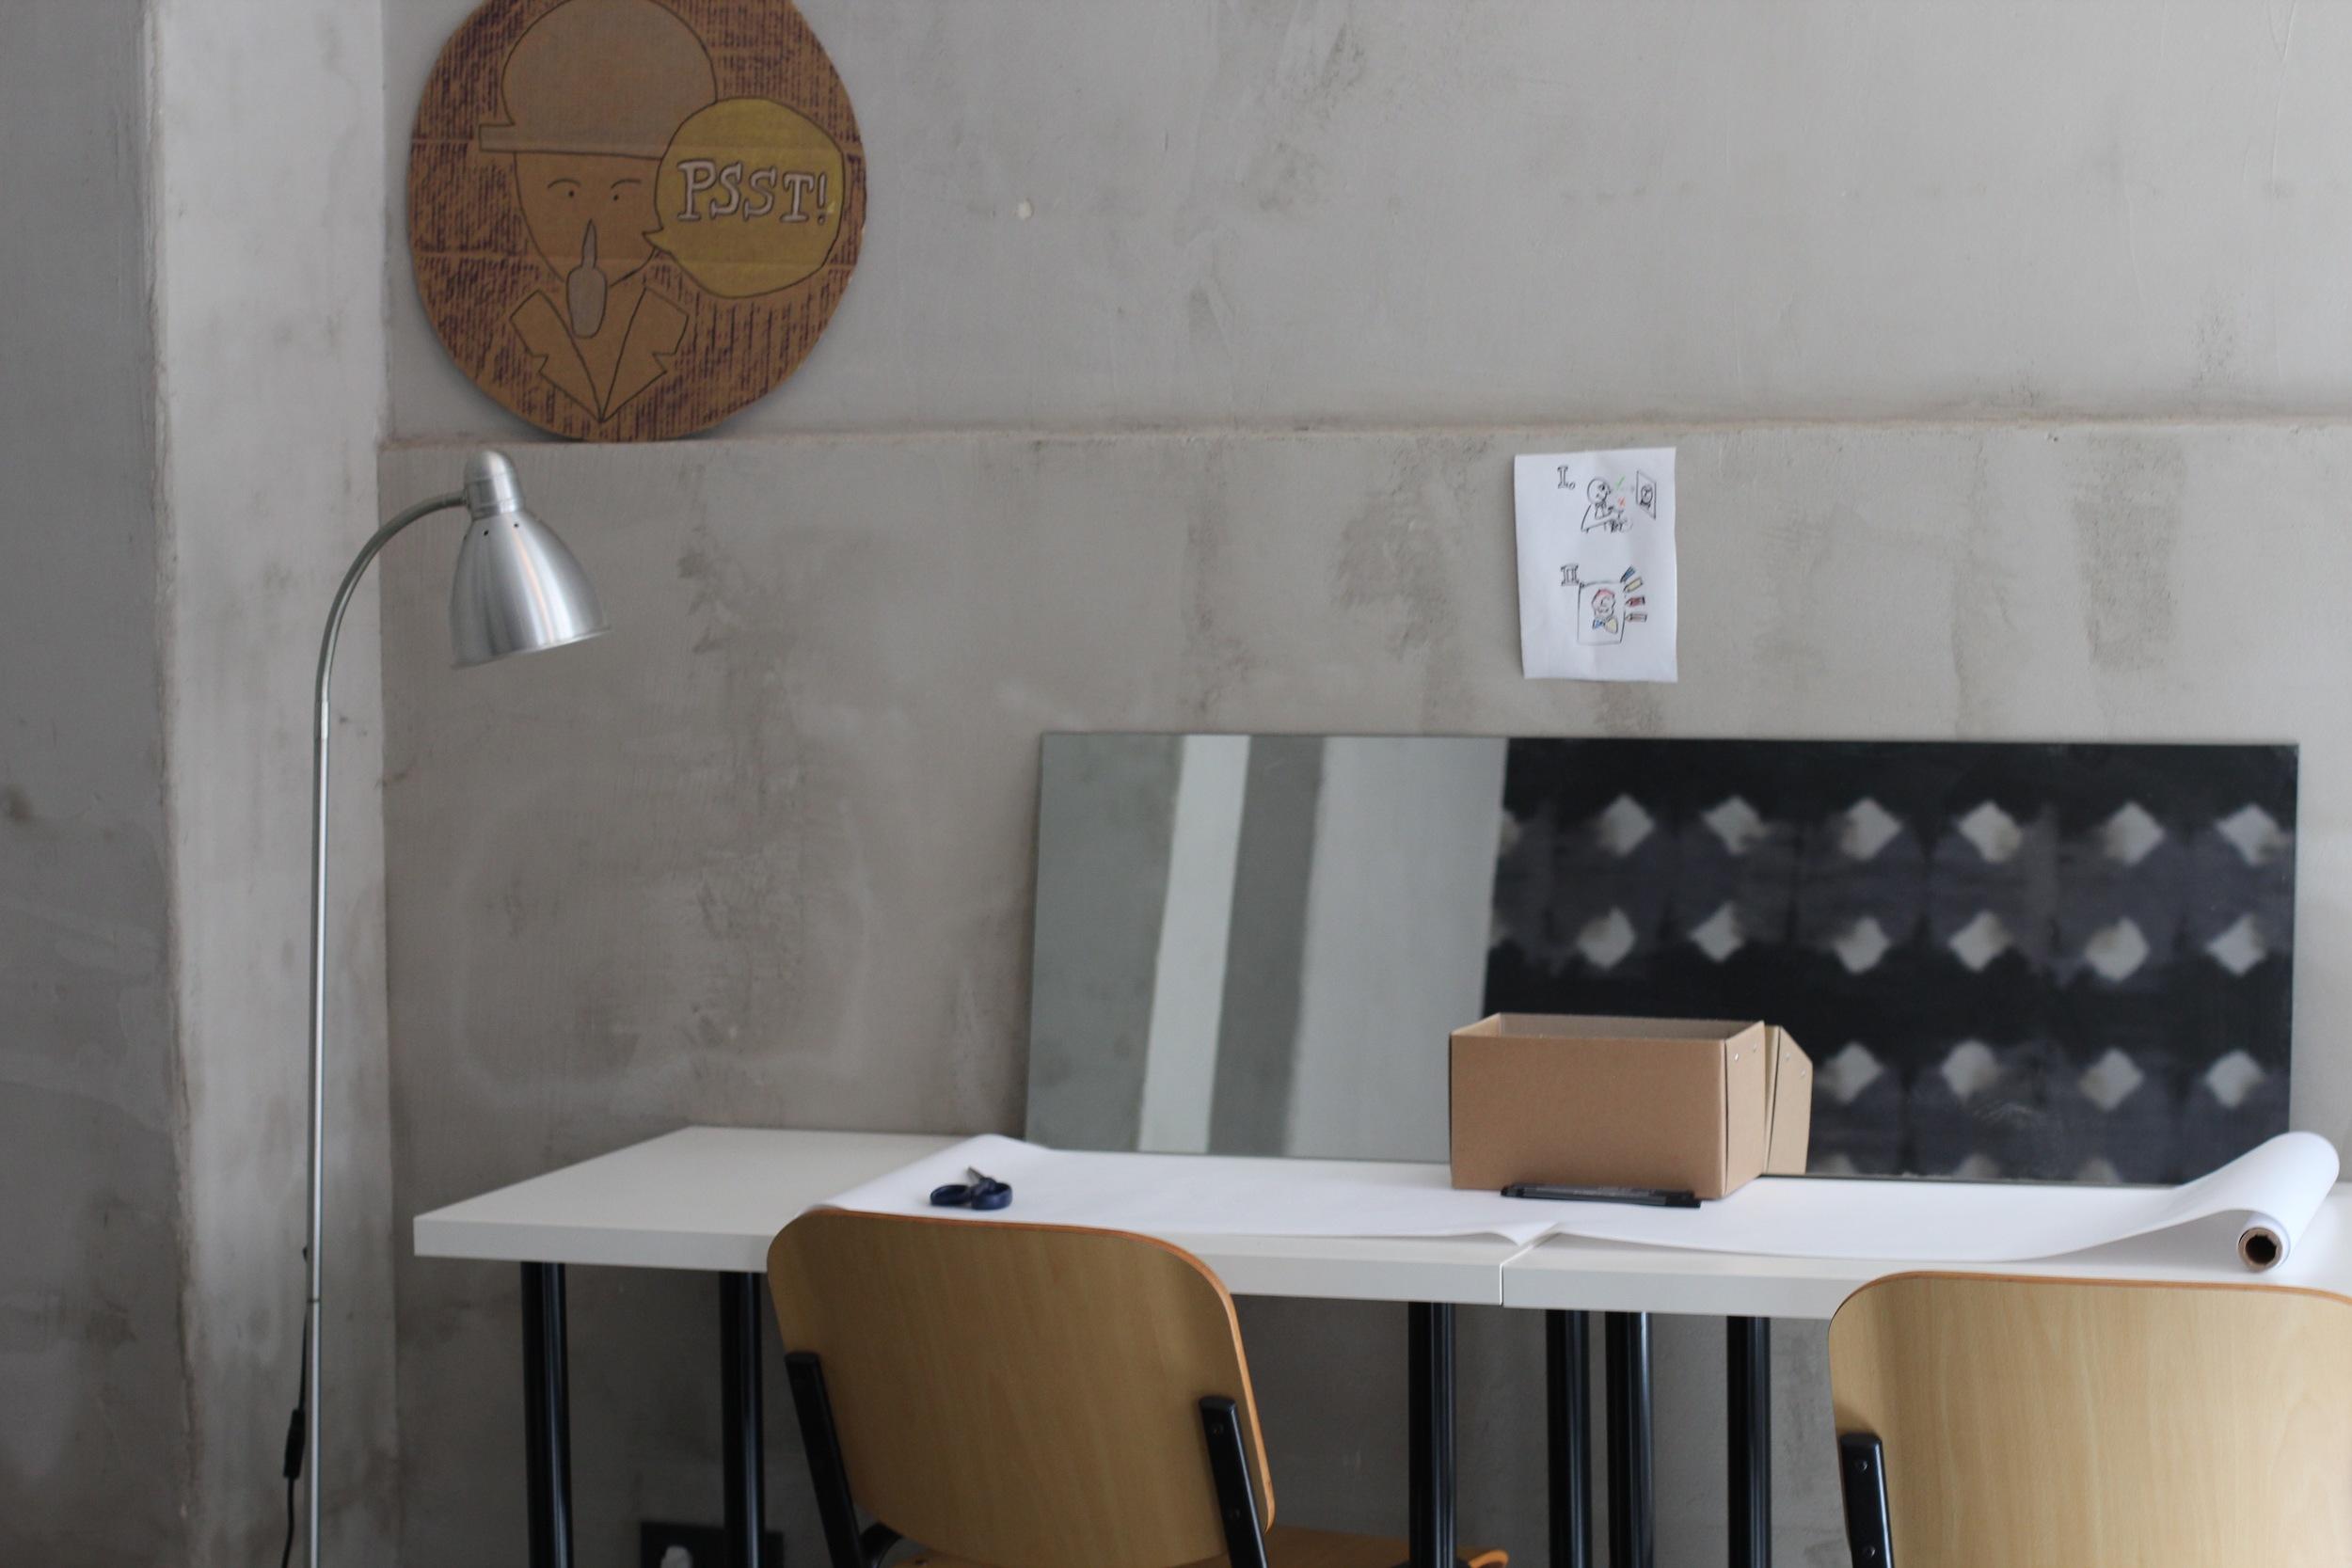 Eine Station mit Spiegel, Papier, dunklen Stiften sowie farbigen Stiften und Kreiden. Eine gezeichneten Bedienungsanleitung erläutert, wie man all dies nutzen kann, um ein Selbstportrait zu erstellen.